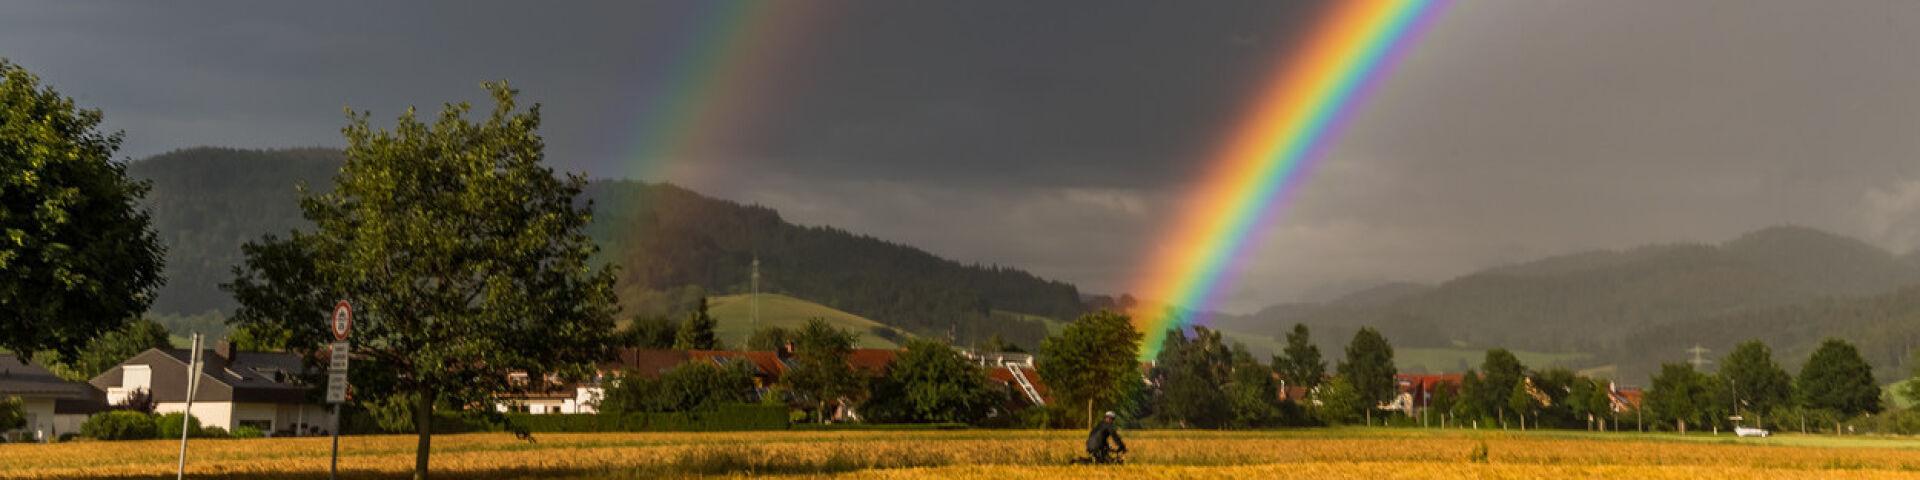 Gemeinde Stegen